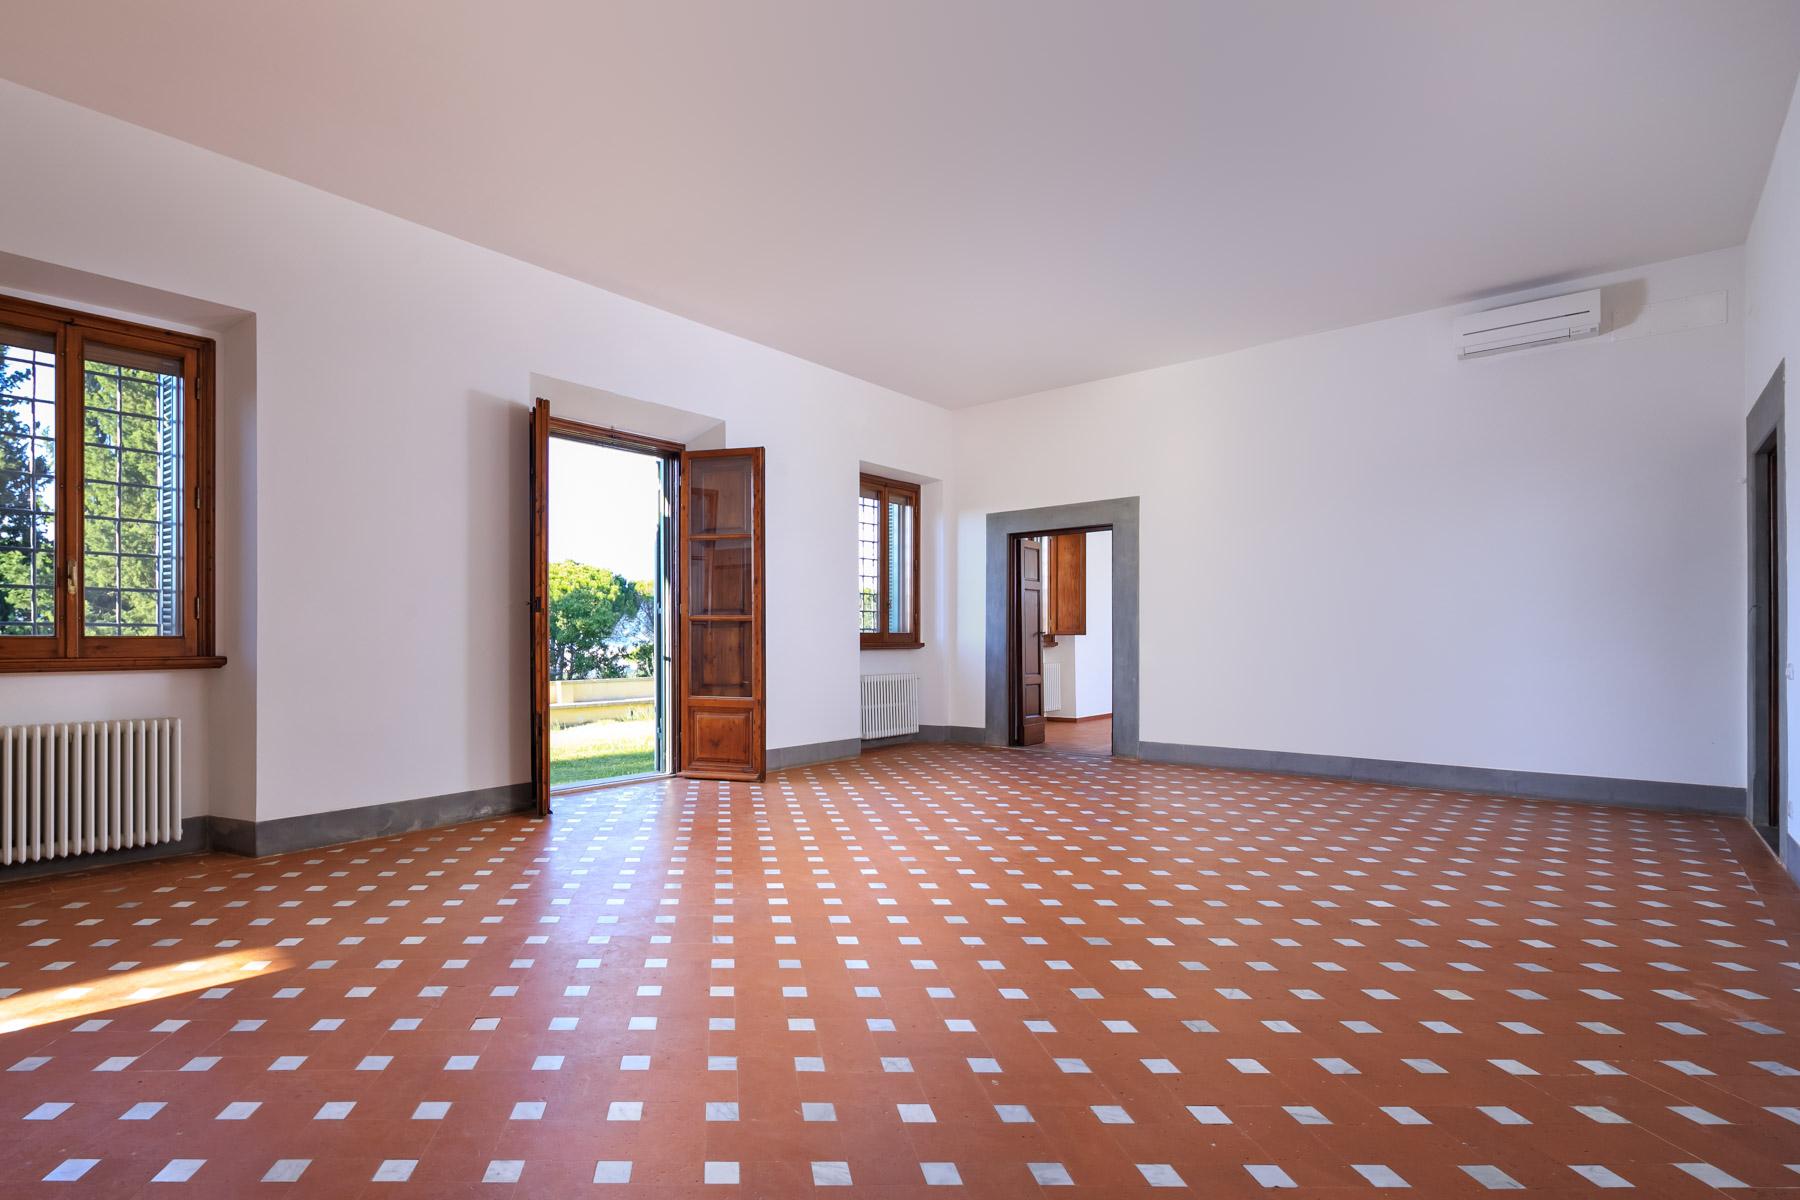 Villa in Vendita a Firenze: 5 locali, 350 mq - Foto 5